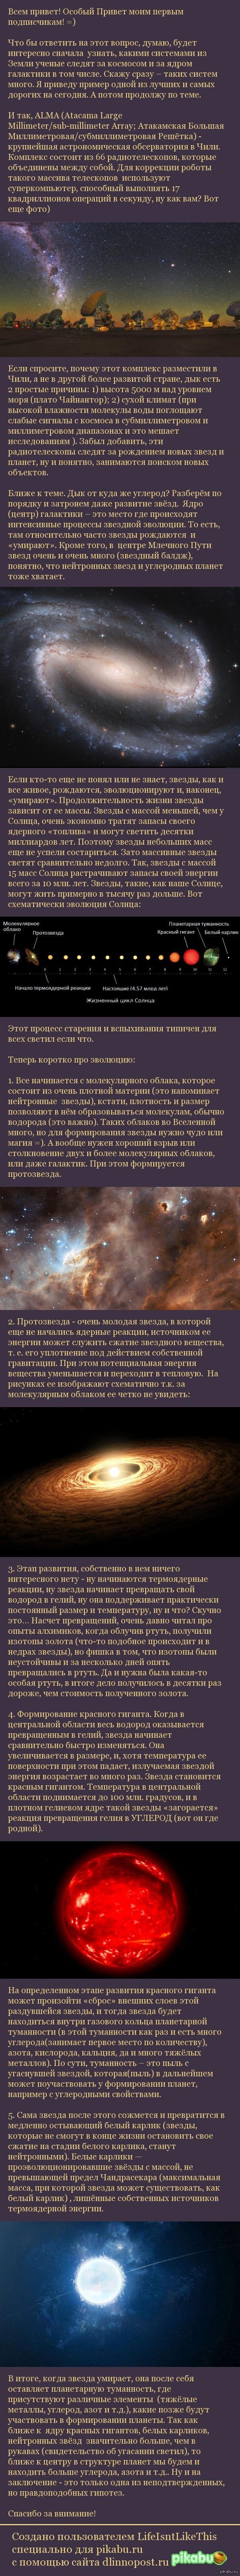 Почему количество углерода в структуре планет увеличивается с приближением к ядру галактики? получилось так, что здесь больше про эволюцию чем про углерод)